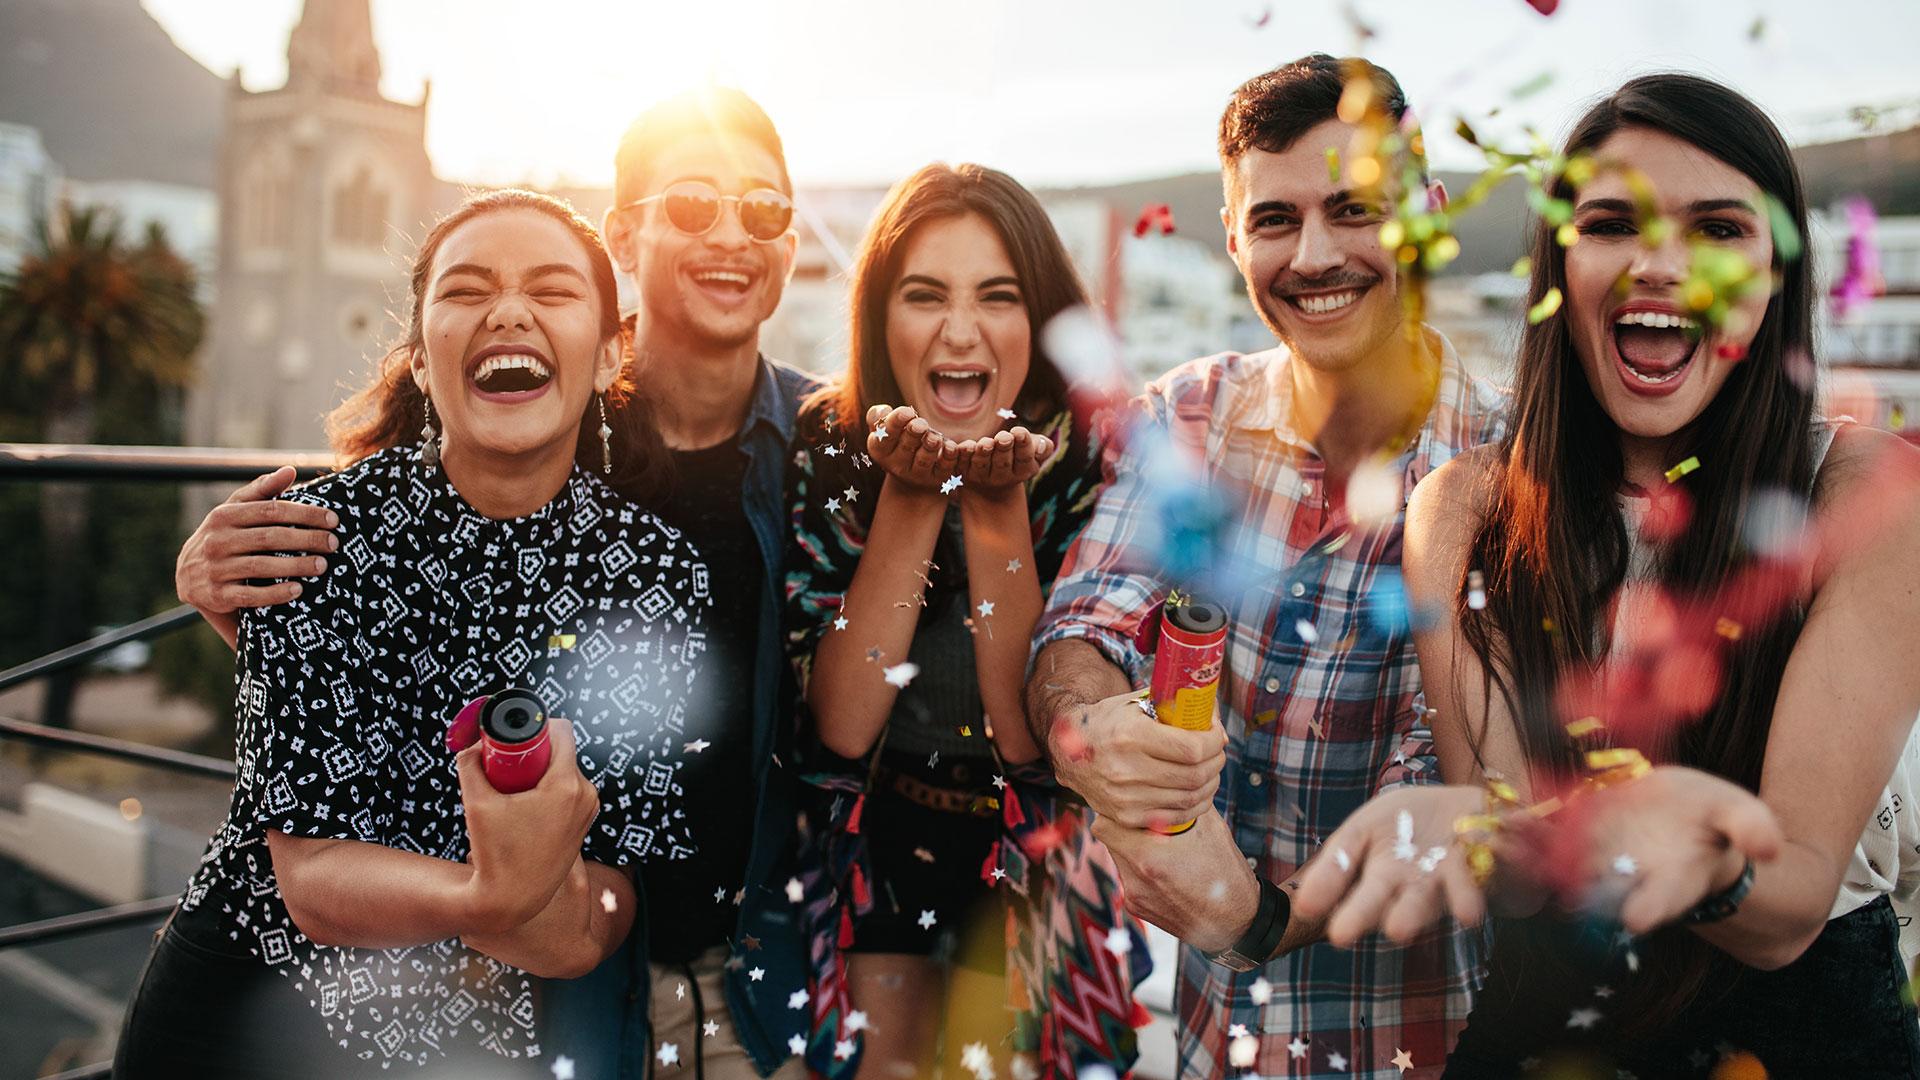 Por qué el 20 de julio se celebra el Día del Amigo en Argentina - Infobae